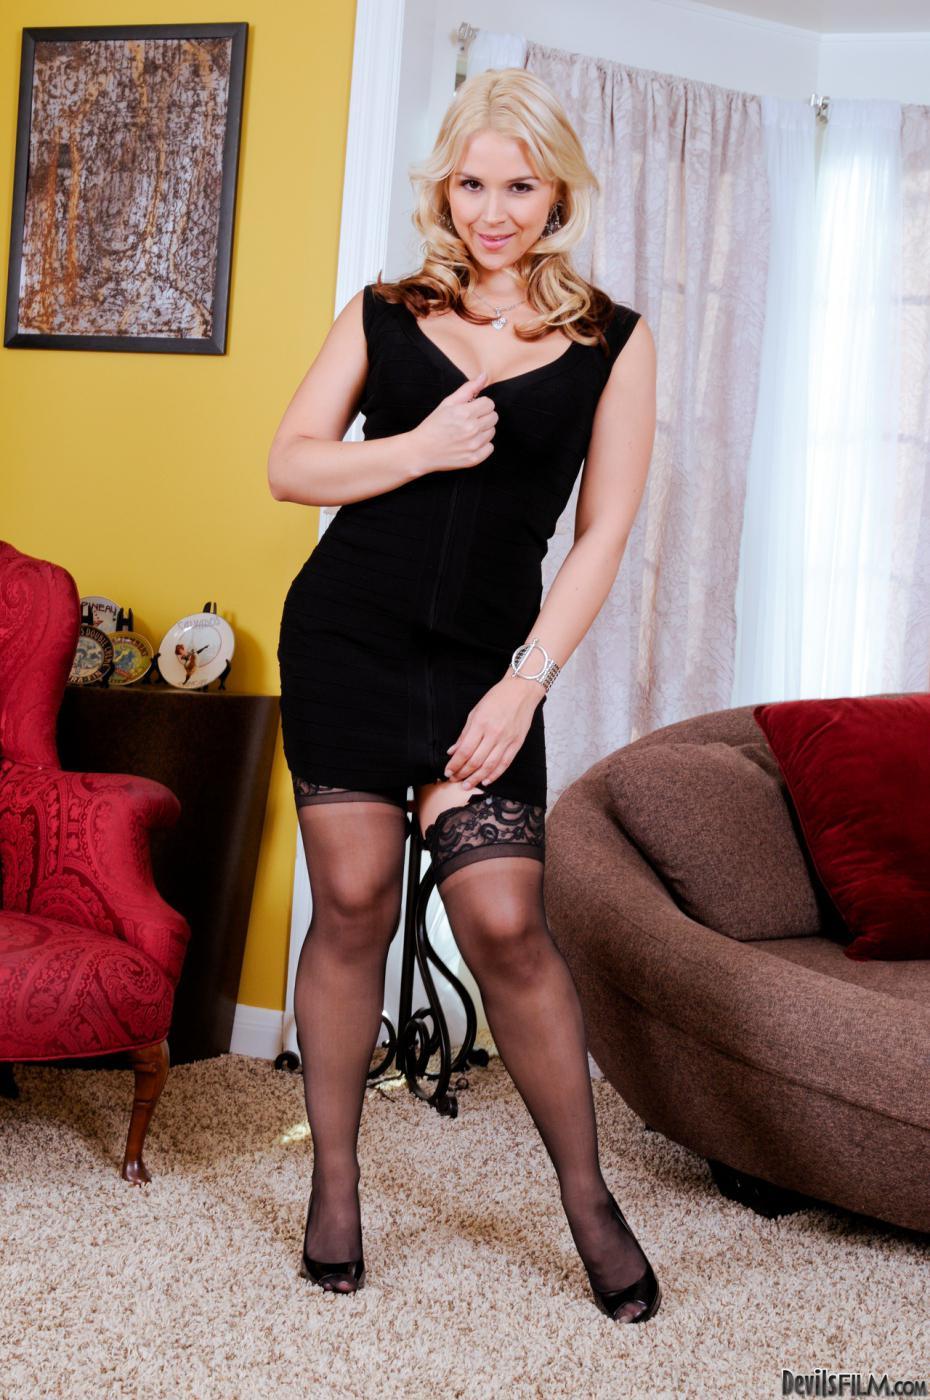 От белья блондинка Sarah Vandella выглядит еще более привлекательной и сексуальной